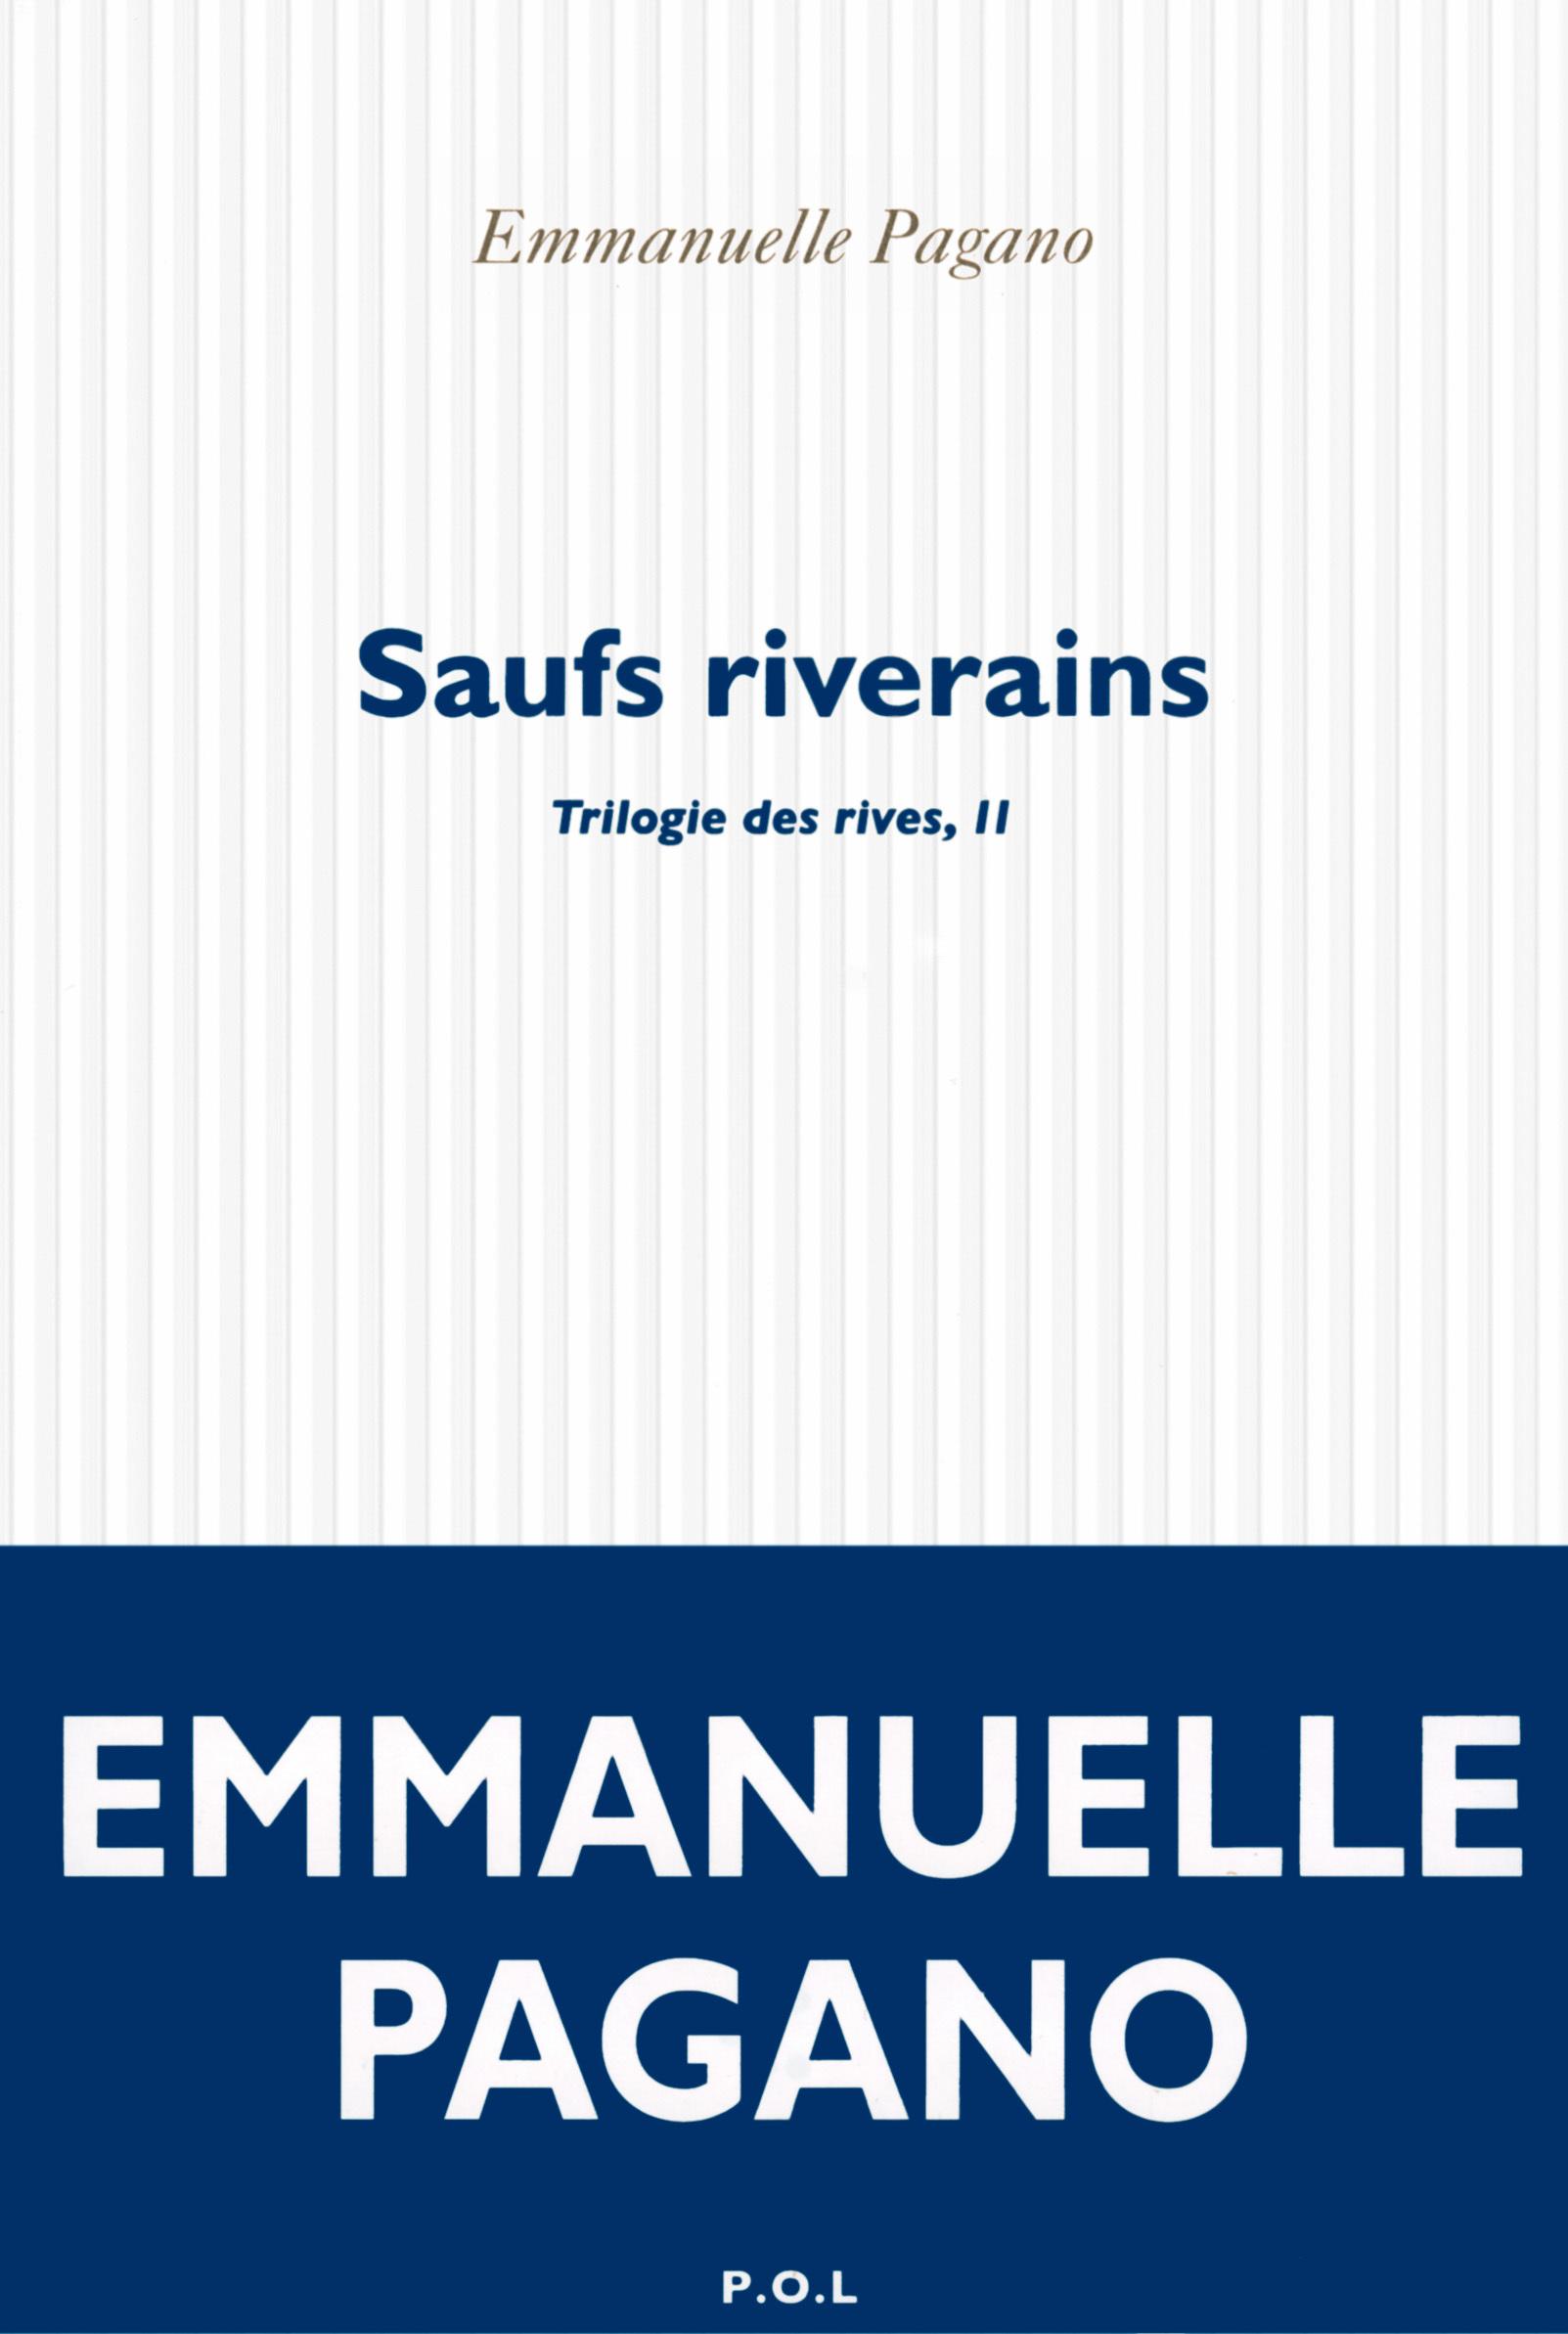 TRILOGIE DES RIVES, II : SAUFS RIVERAINS